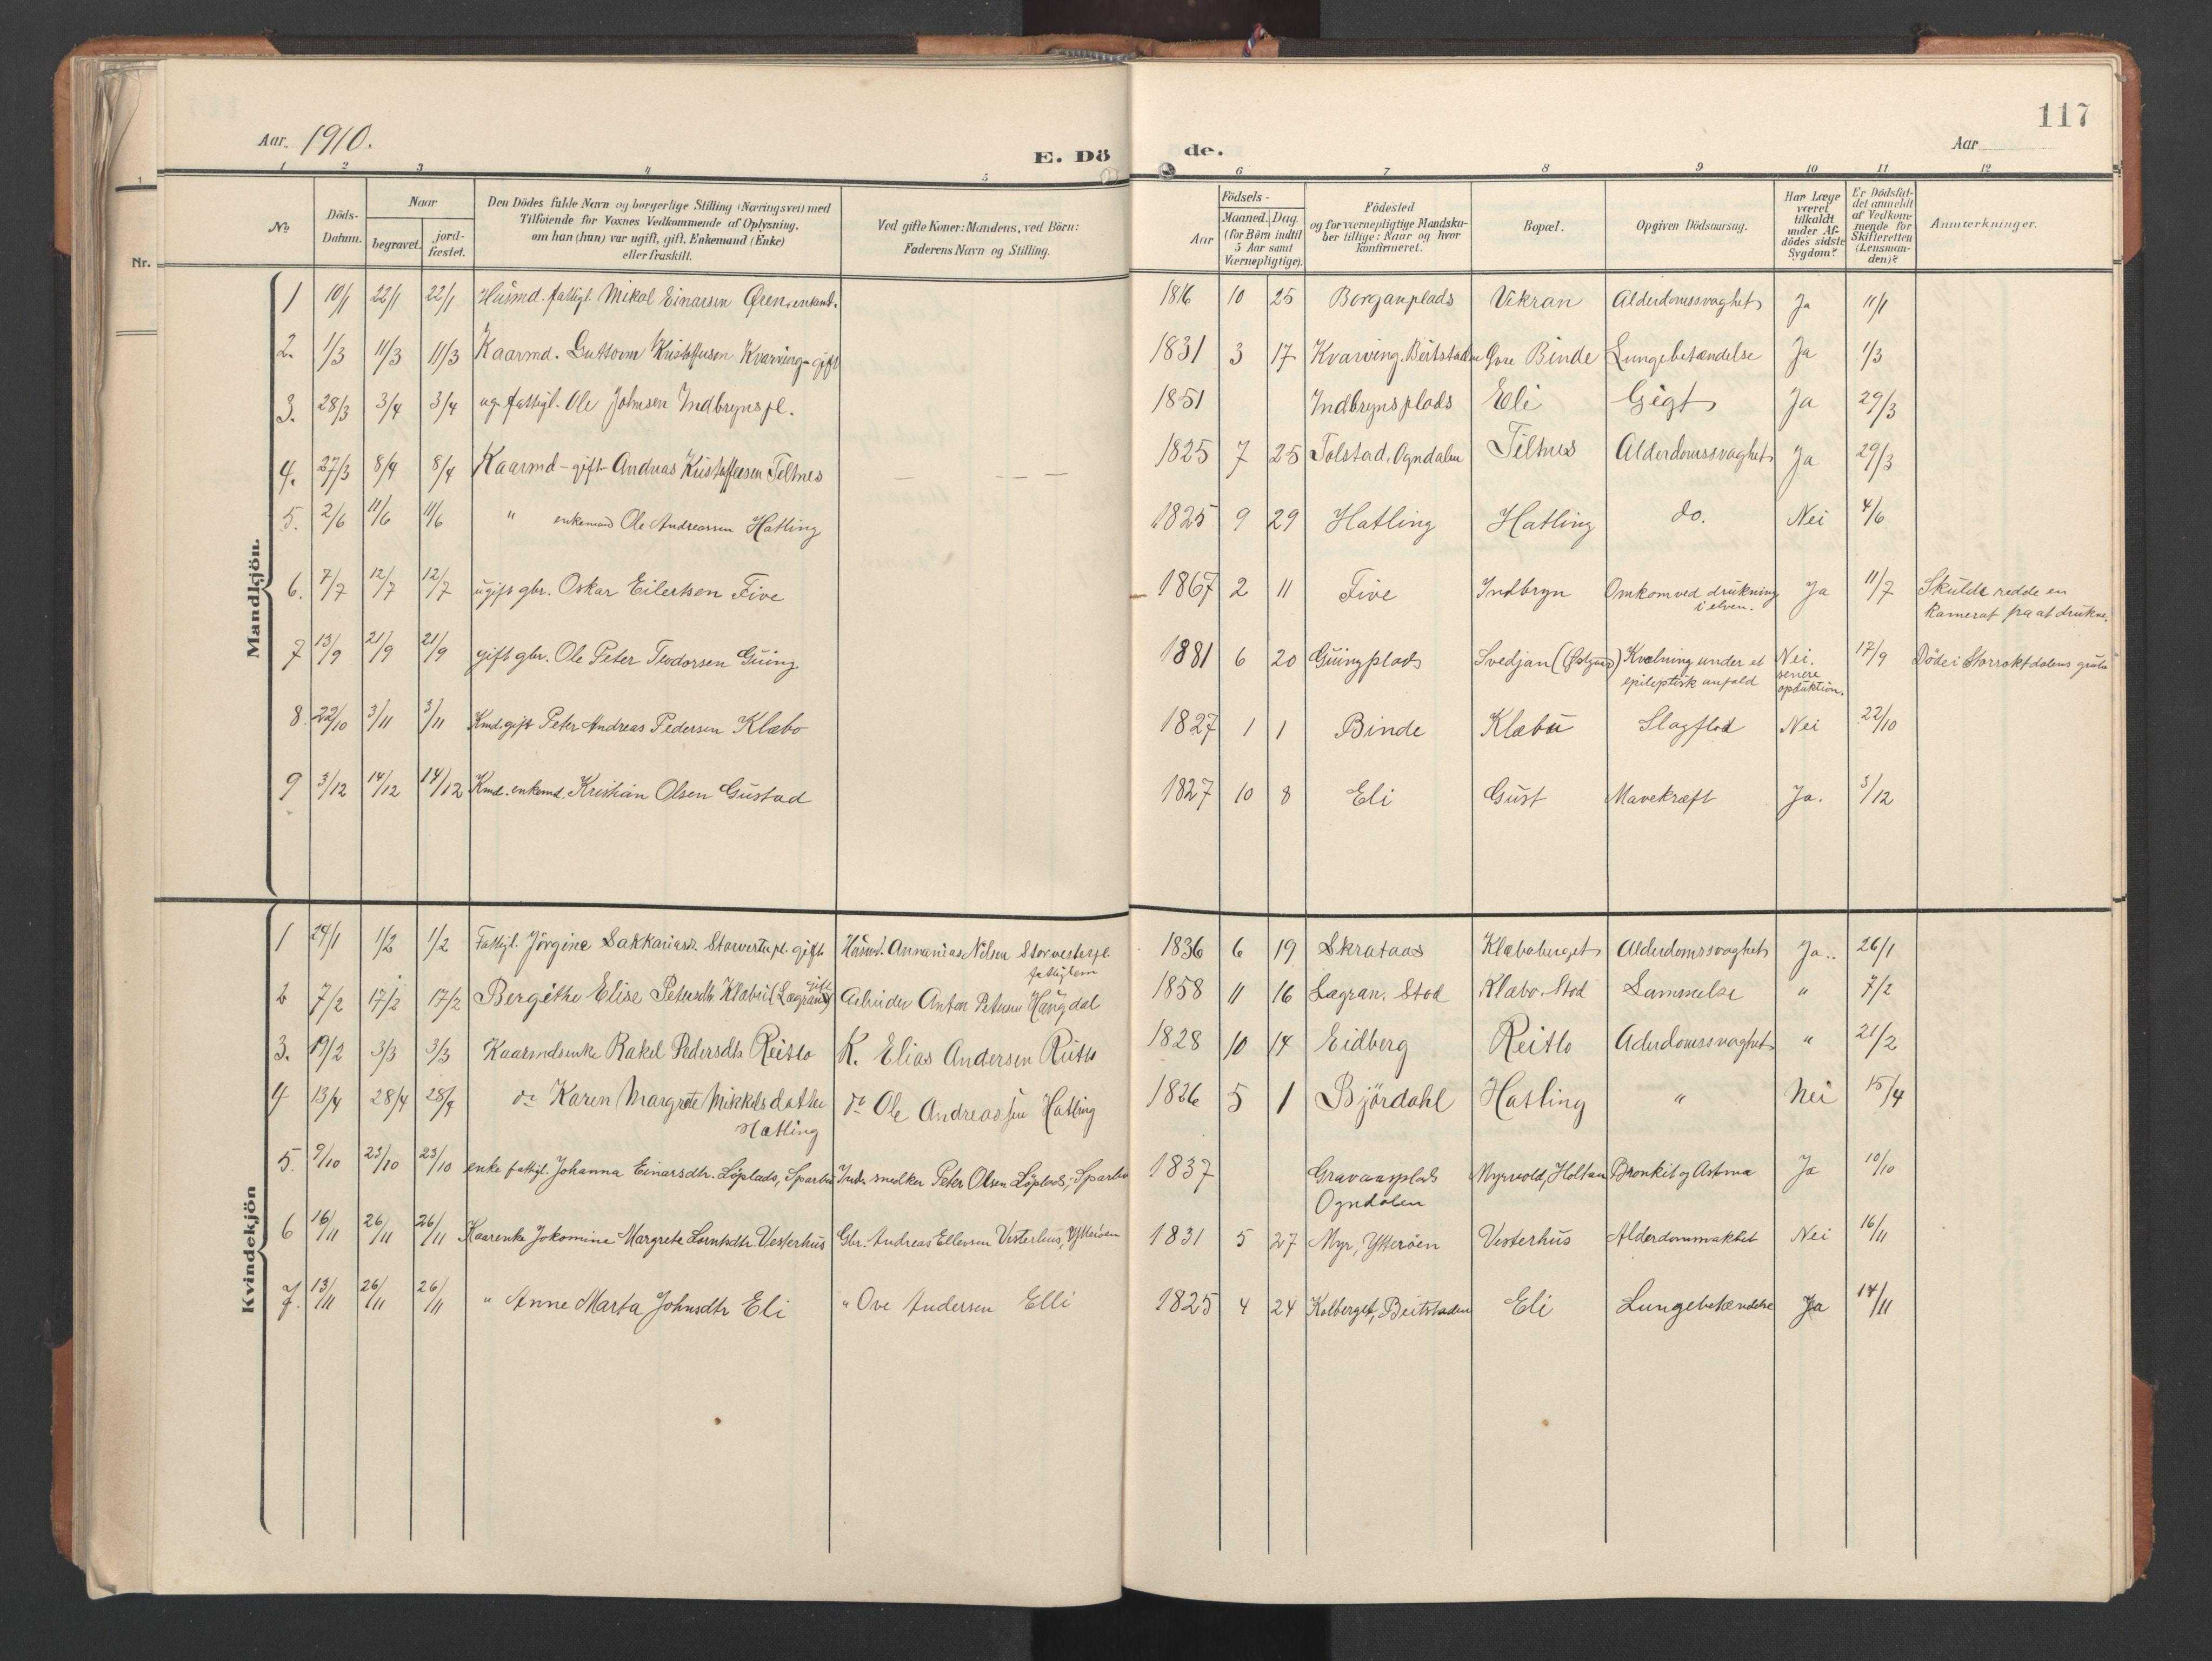 SAT, Ministerialprotokoller, klokkerbøker og fødselsregistre - Nord-Trøndelag, 746/L0455: Klokkerbok nr. 746C01, 1908-1933, s. 117